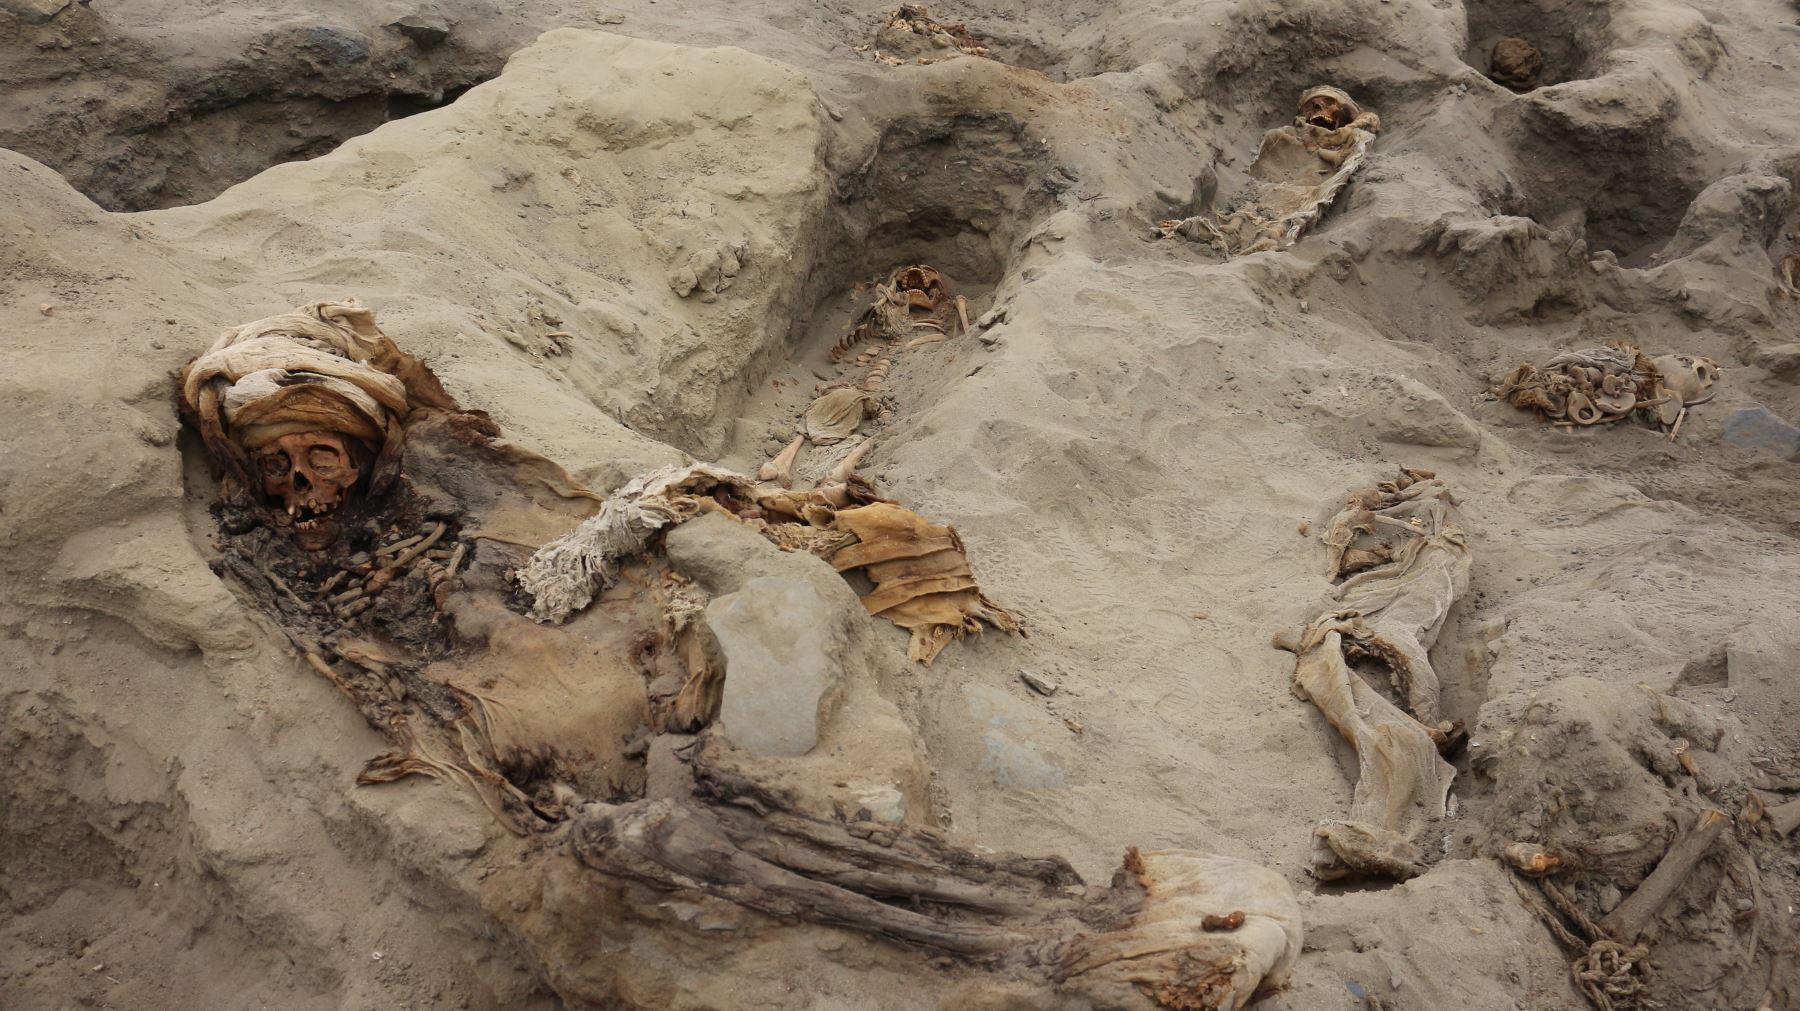 Un equipo de arqueólogos peruanos halló restos de alrededor de 250 niños y 40 guerreros sacrificados entre los siglos XIII y XV en el distrito de Huanchaco, provincia de Trujillo. Foto: Cortesía/ Luis Puell